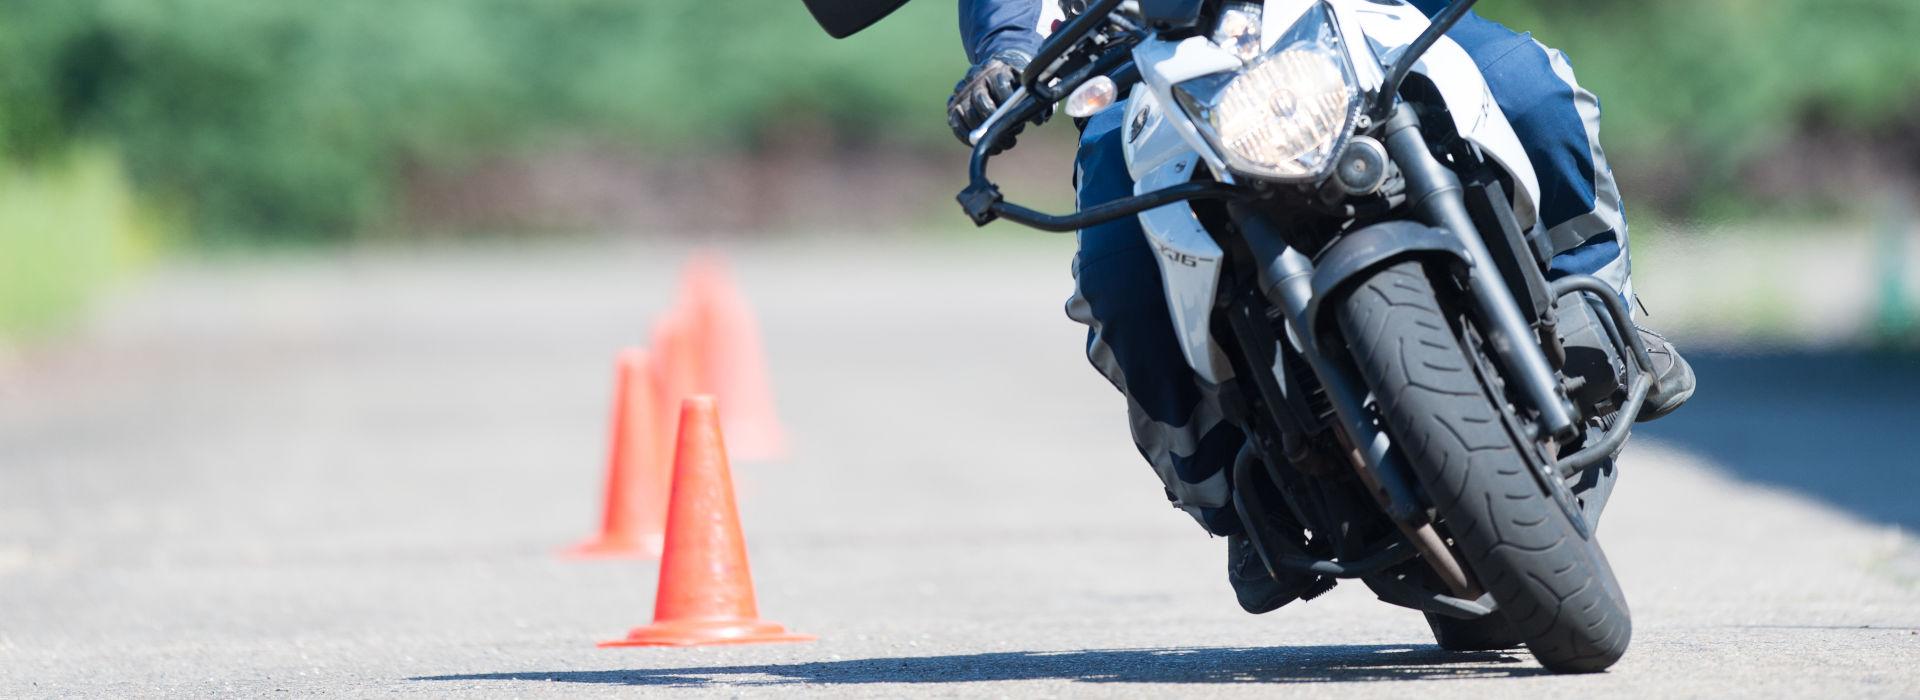 Motorrijbewijspoint Overijssel motor rijvaardigheid